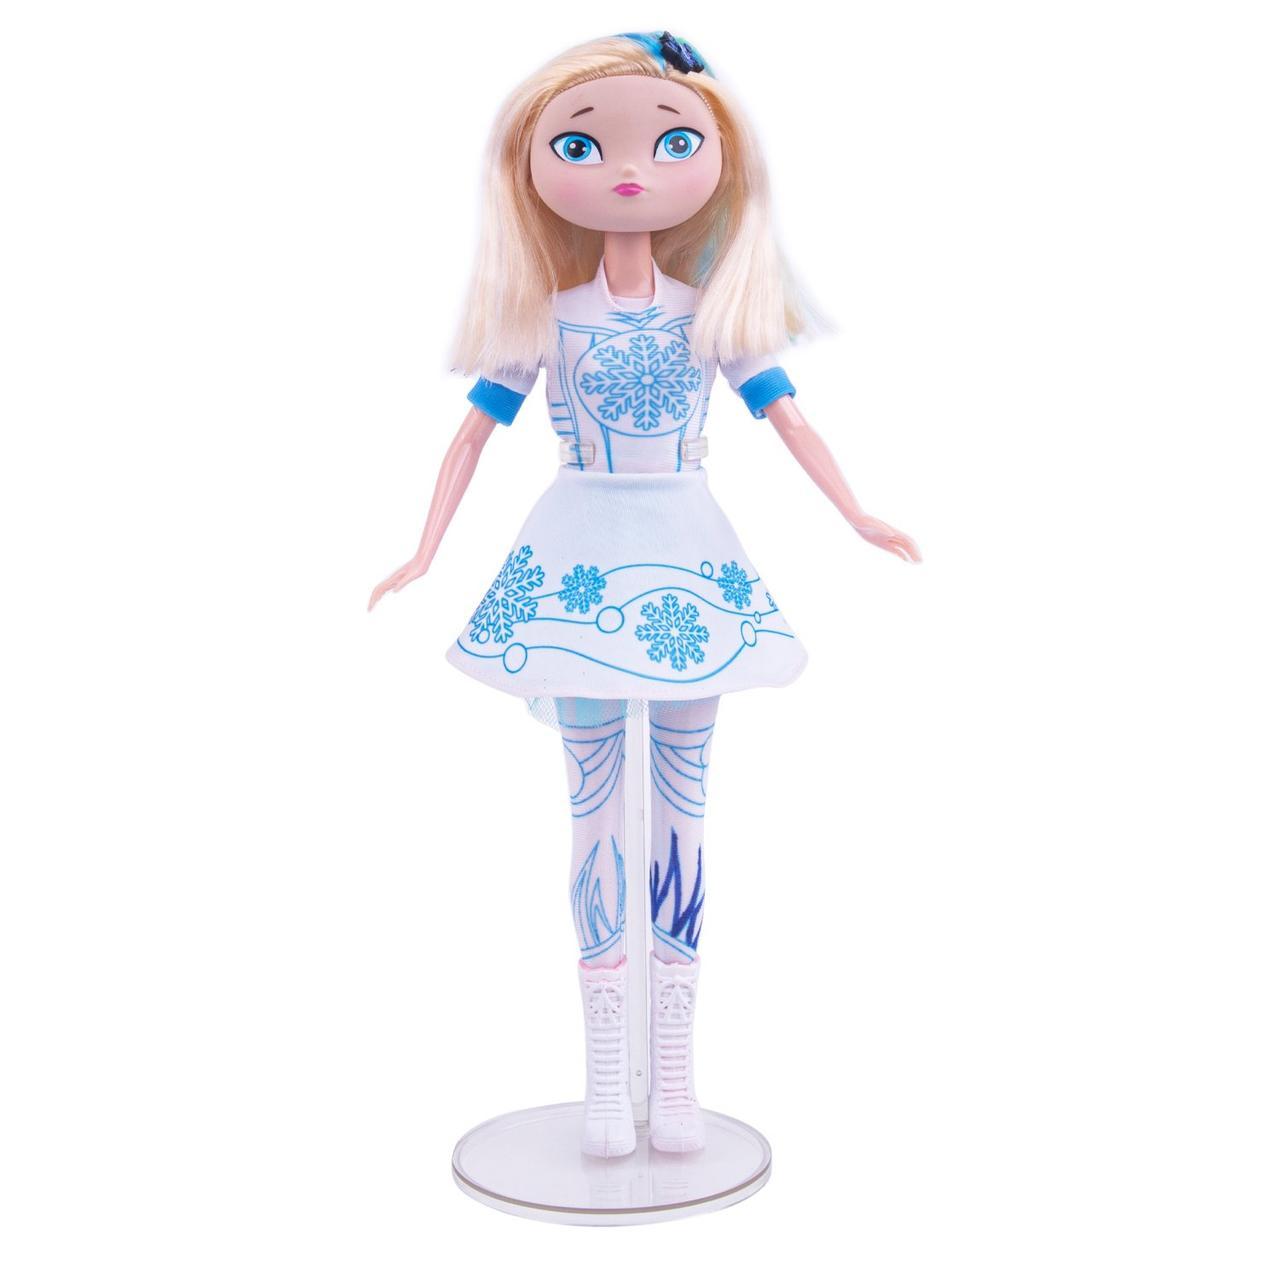 Сказочный патруль - Кукла Снежка «Раскрась и смой водой» - Девочка-загадка